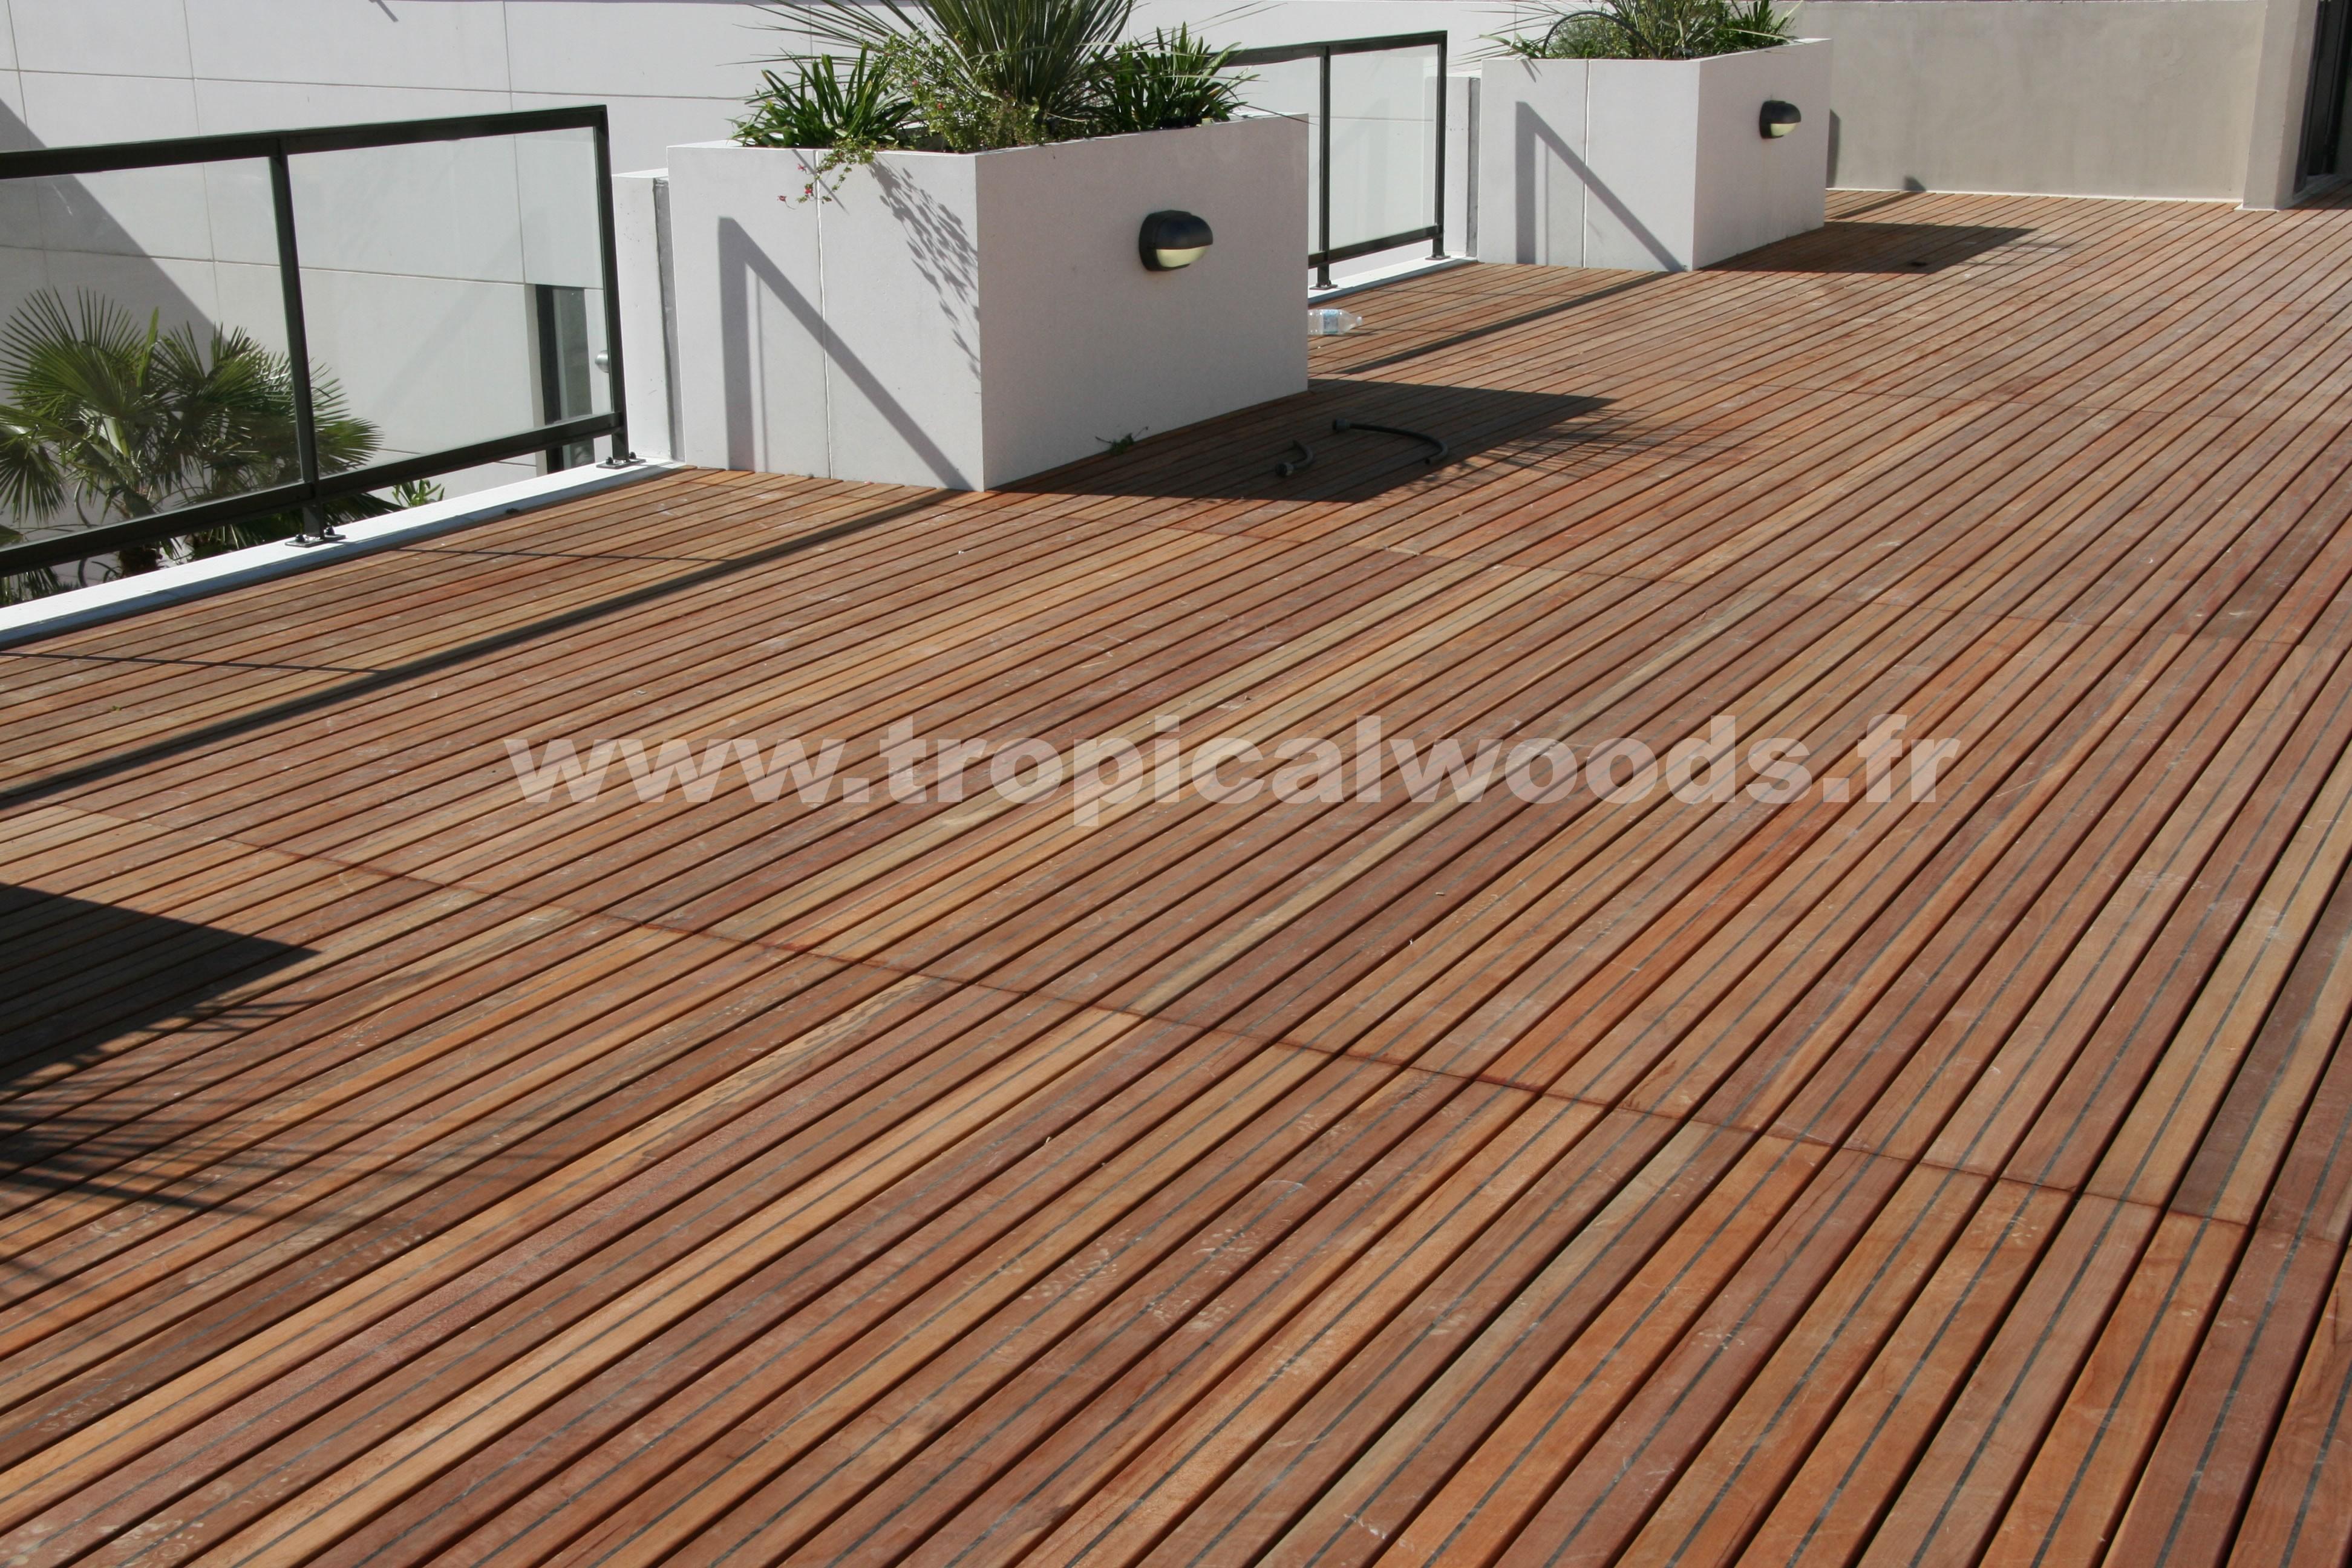 Terrasse - Lames parquet massif Acacia Pont de Bateau - 22 x 120 mm